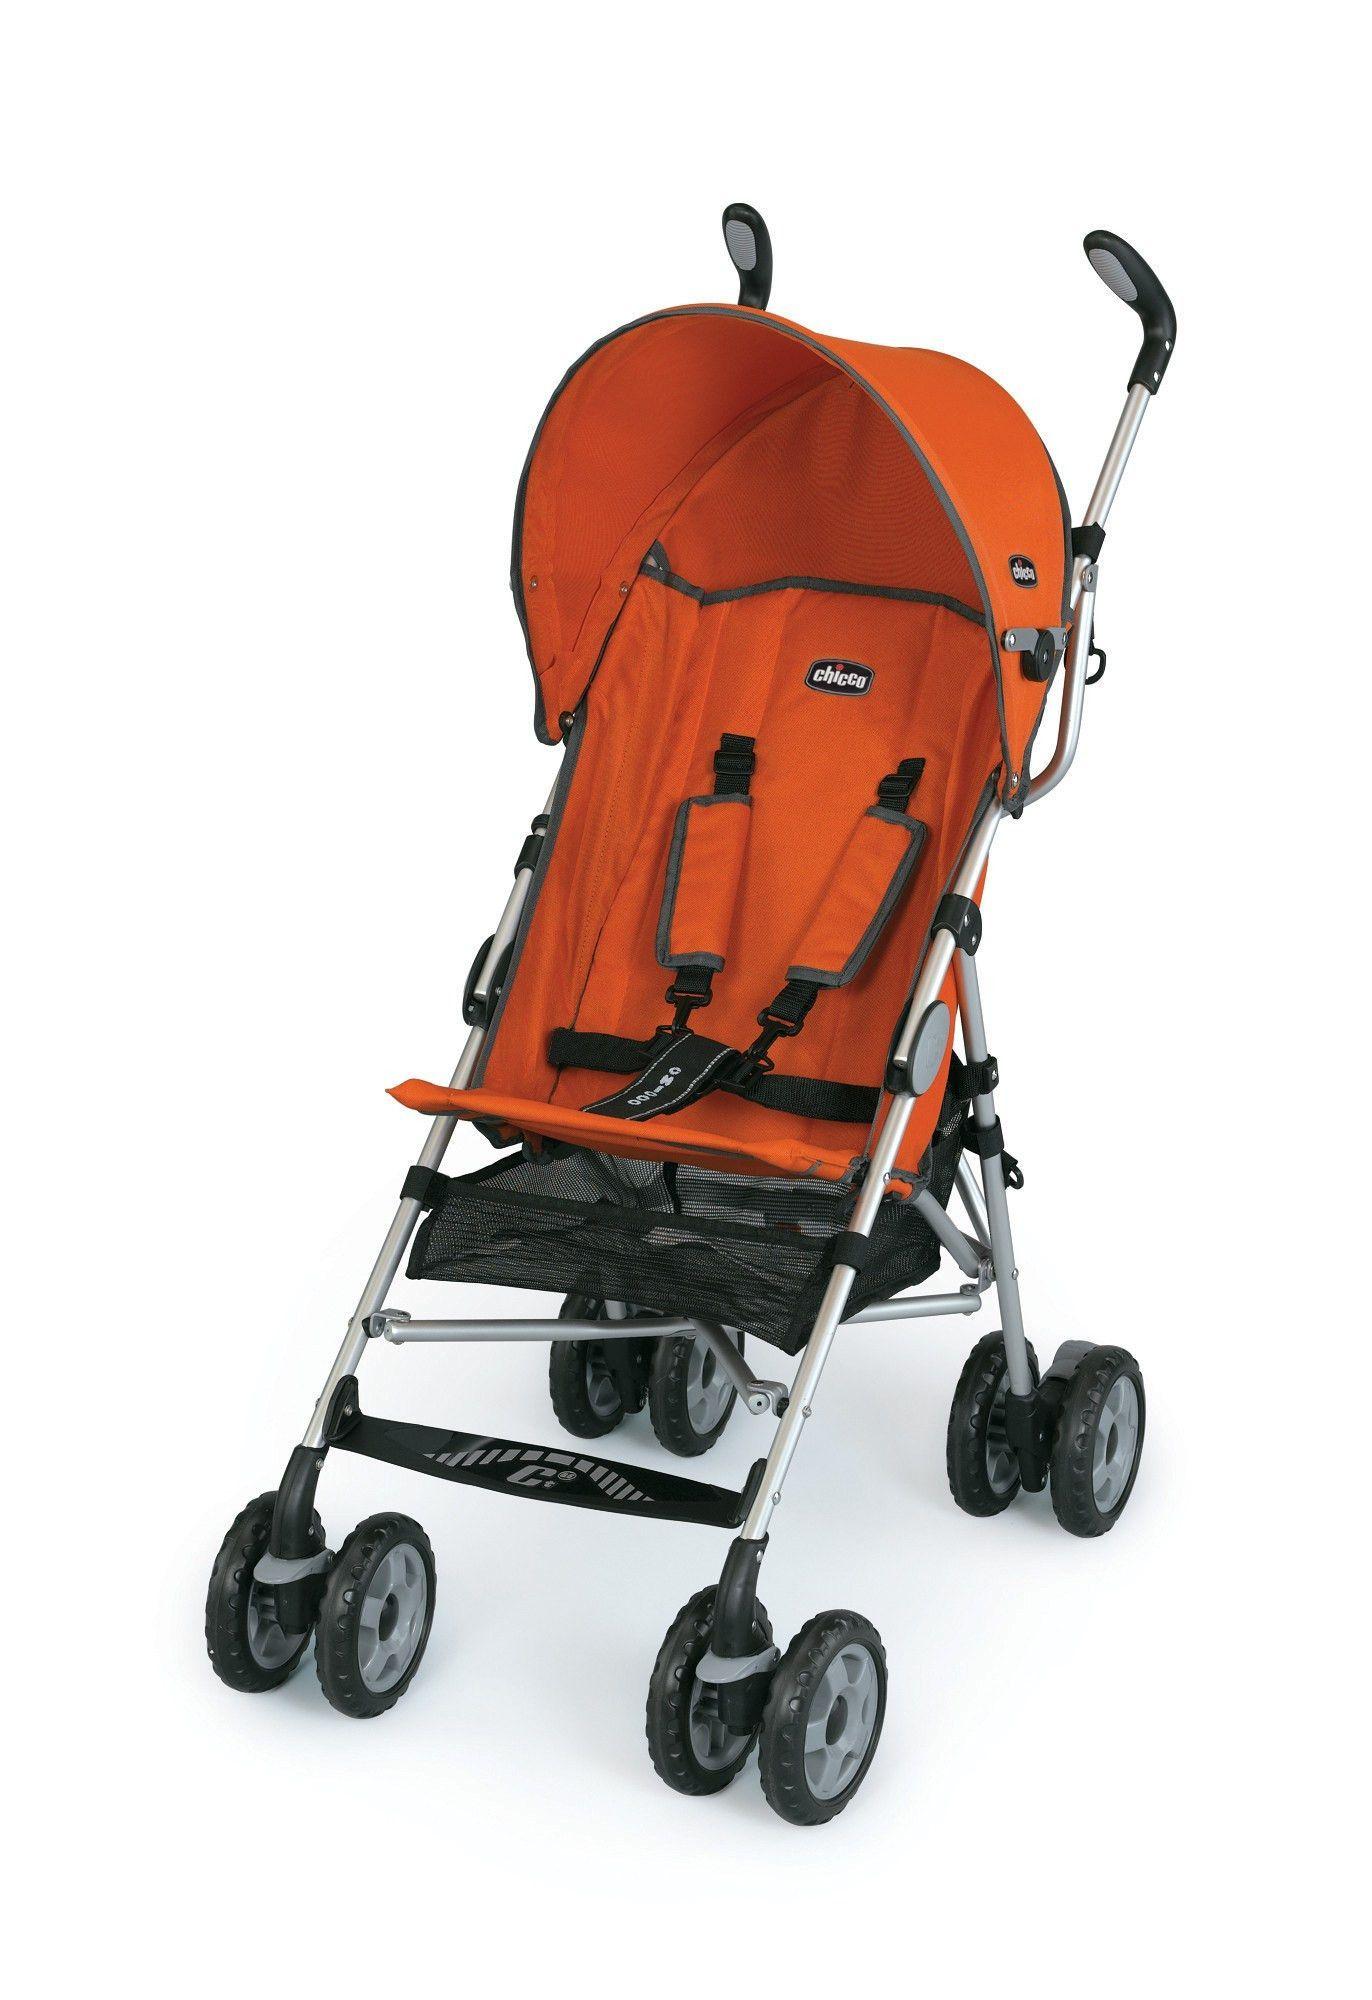 chicco c6 stroller products kinderwagen 2017 beste. Black Bedroom Furniture Sets. Home Design Ideas